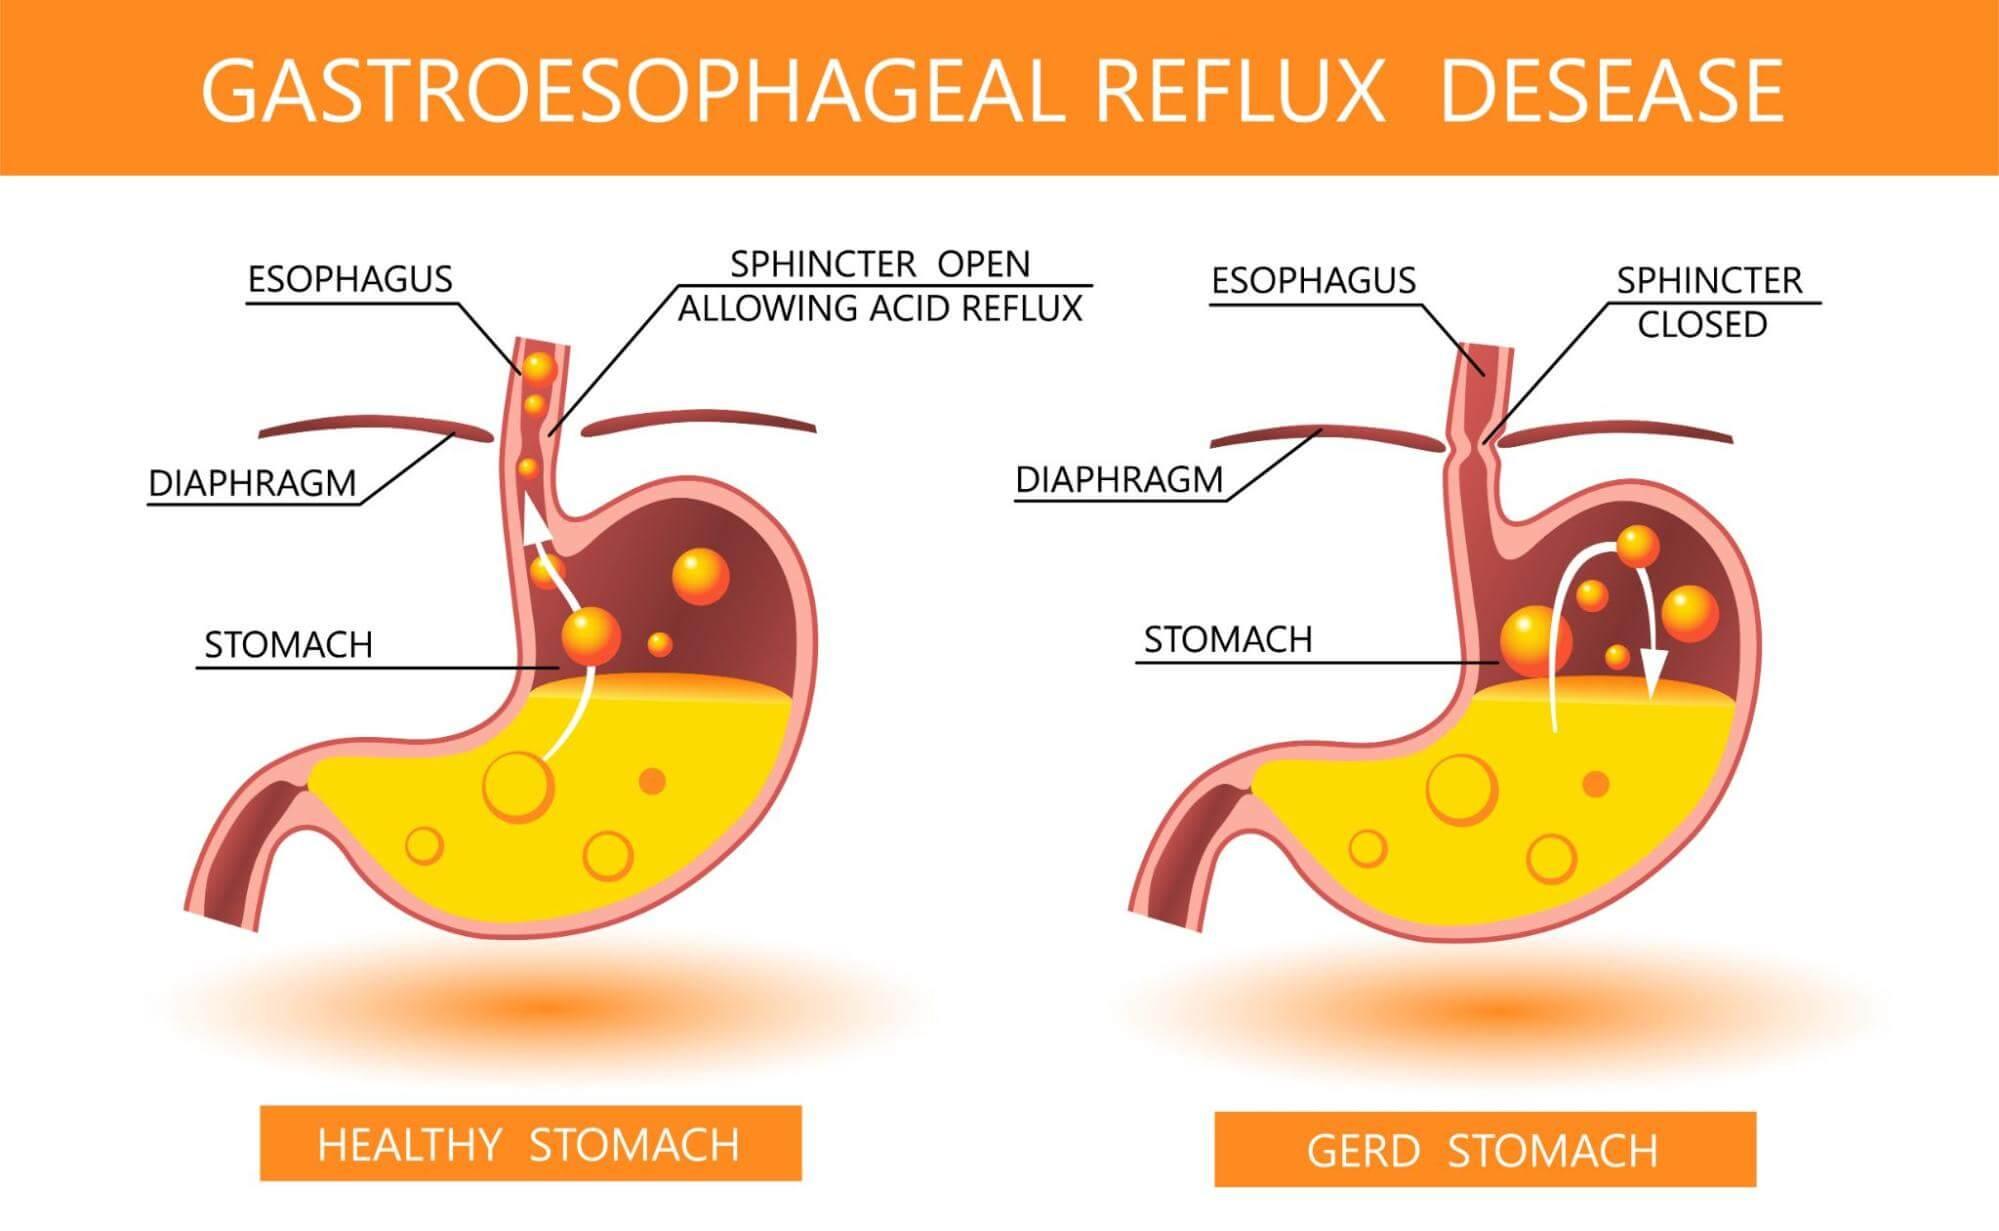 LPR symptoms: Healthy stomach vs. GERD stomach comparison chart